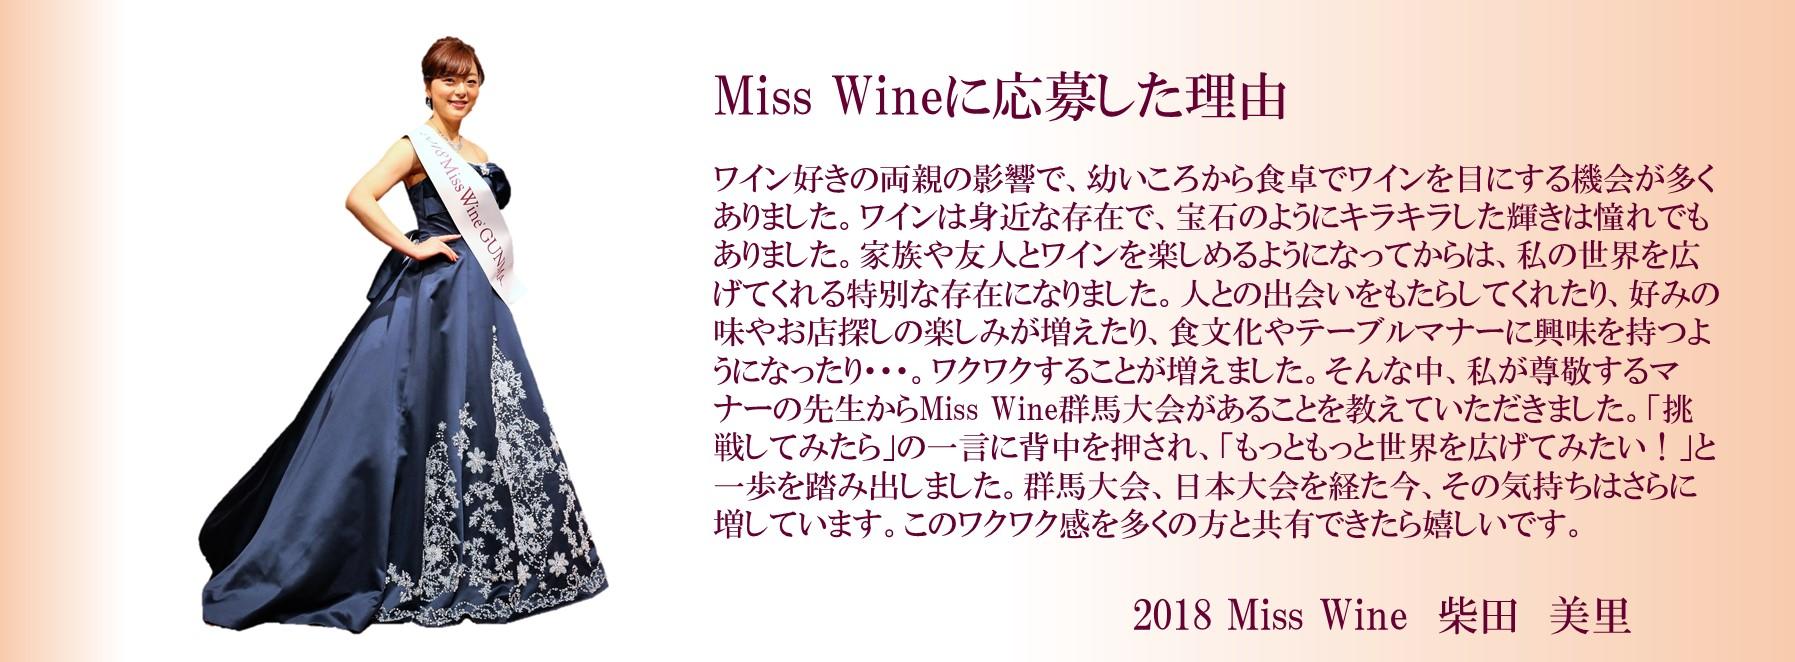 ミス・ワインとは